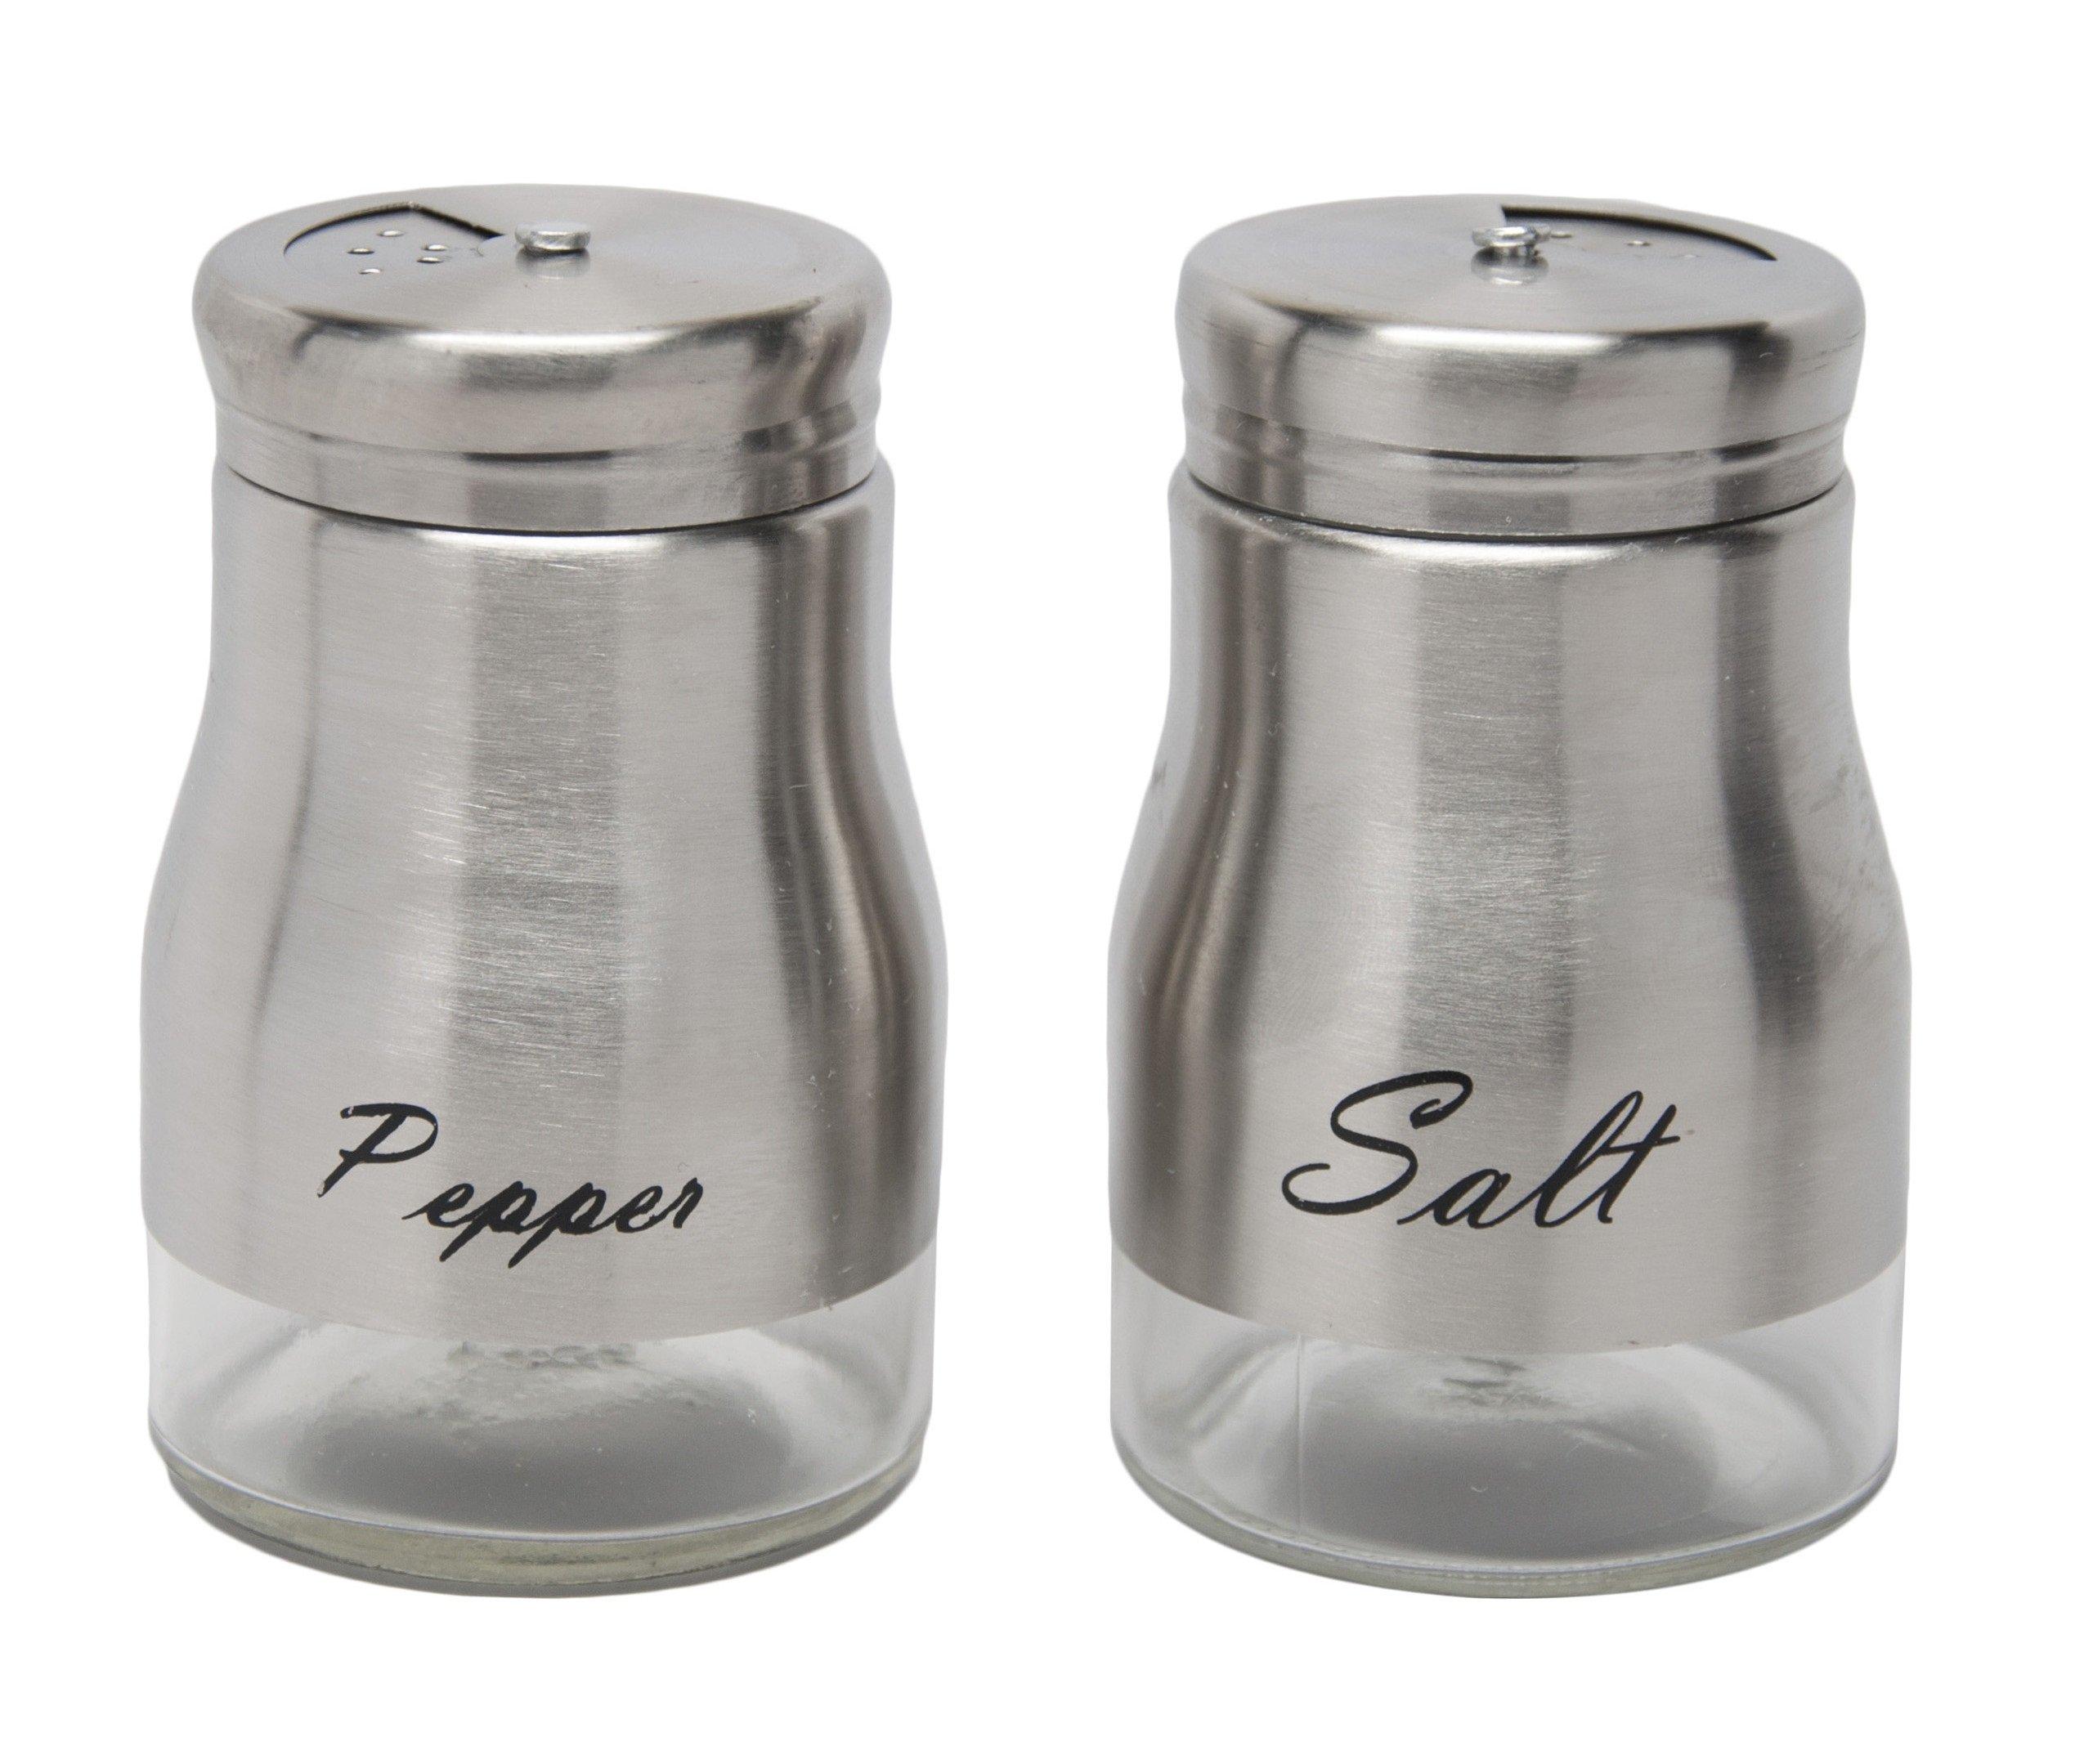 Elegant Glass Salt and Pepper Shaker Set with Stainless Steel Seasoning Shaker Salt Shaker by Xena (Image #3)